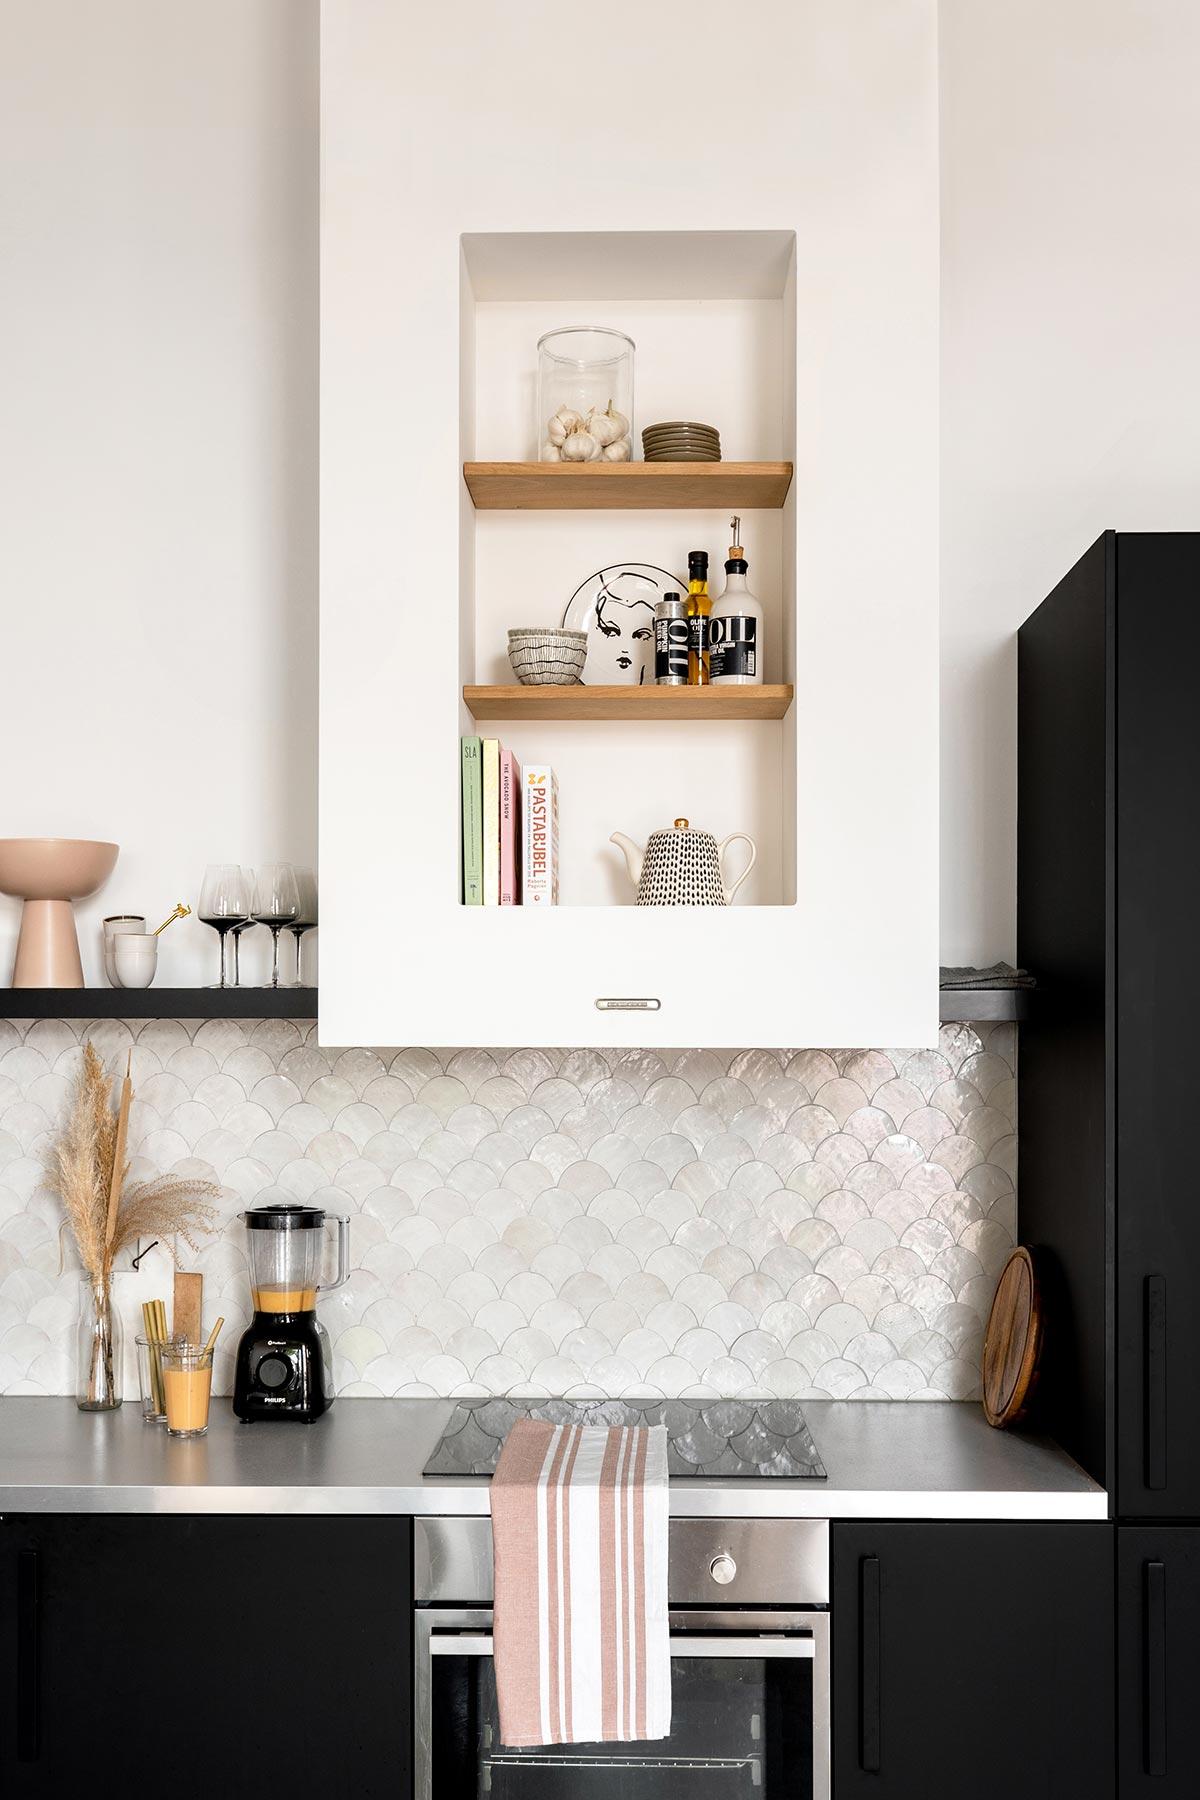 Blender Philips keuken - Tanja van Hoogdalem